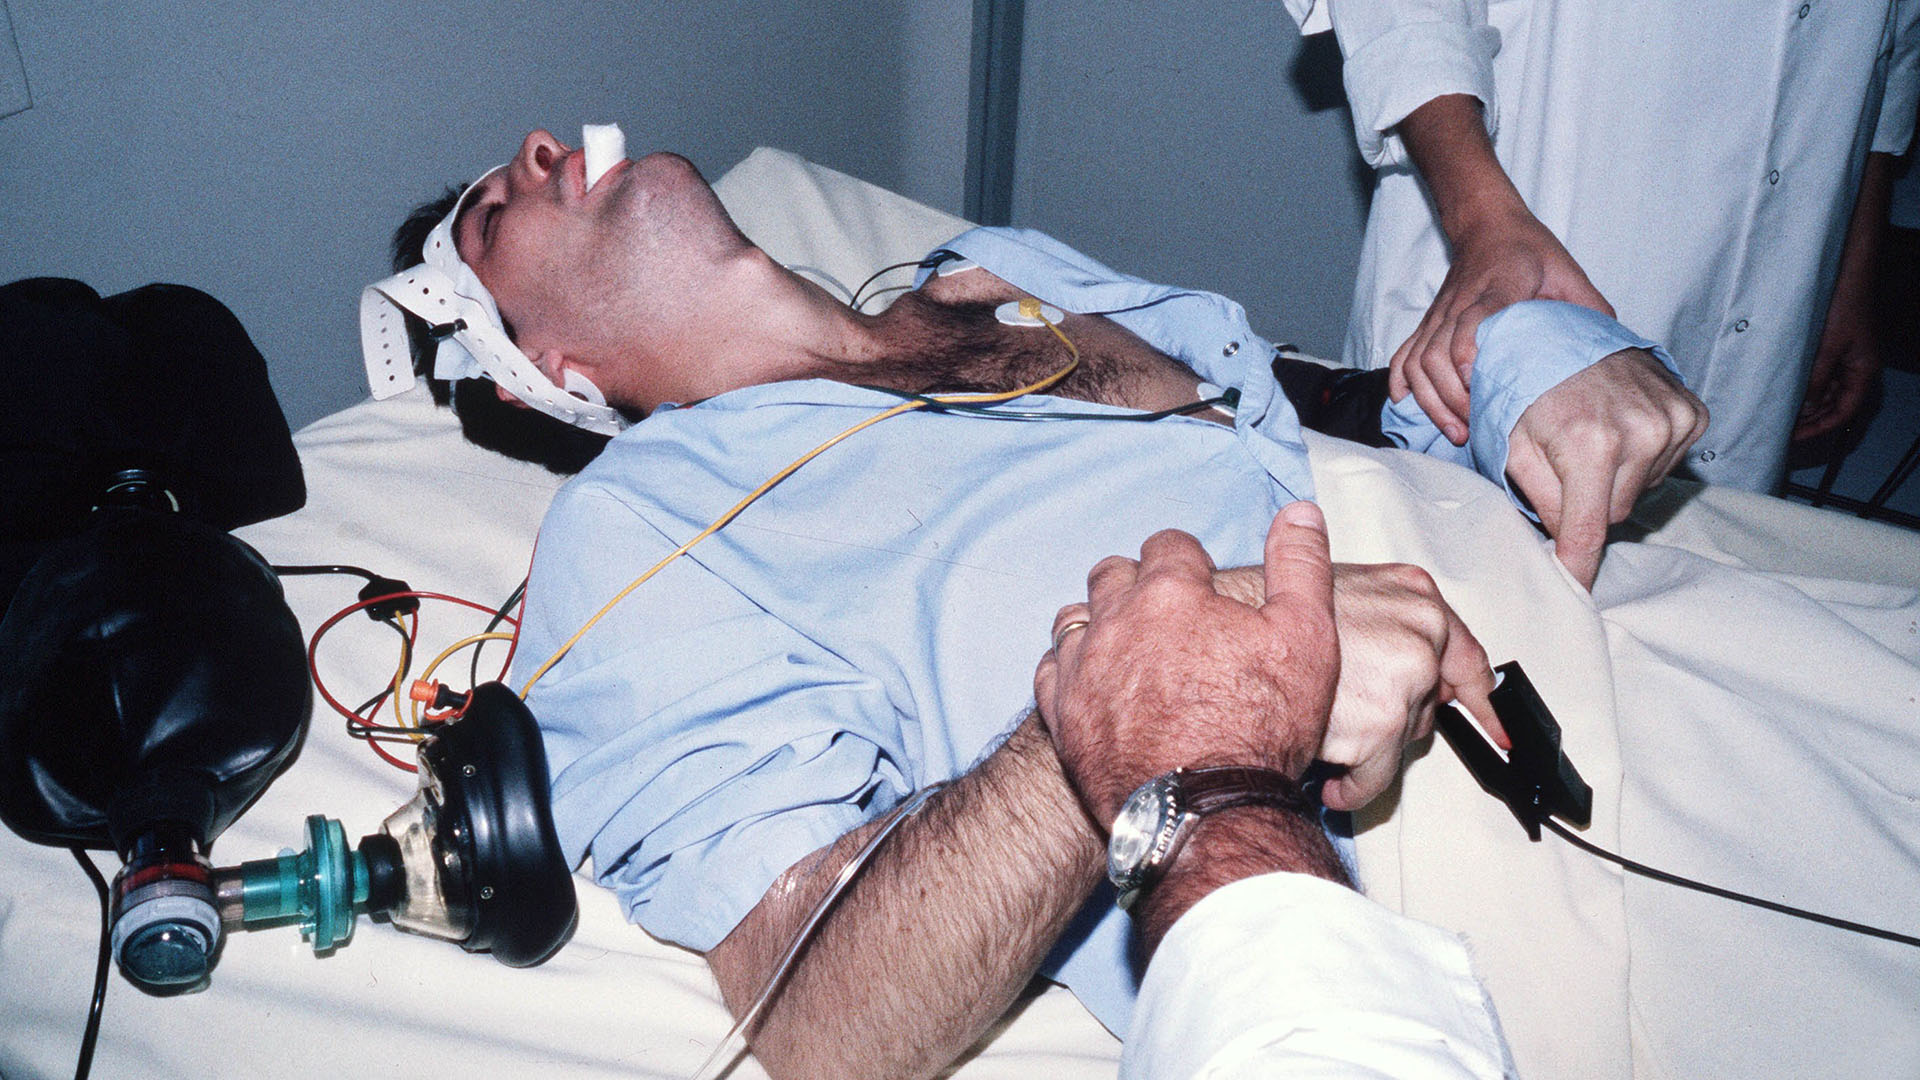 Can Shock Therapy Change Violent Criminal Behavior?